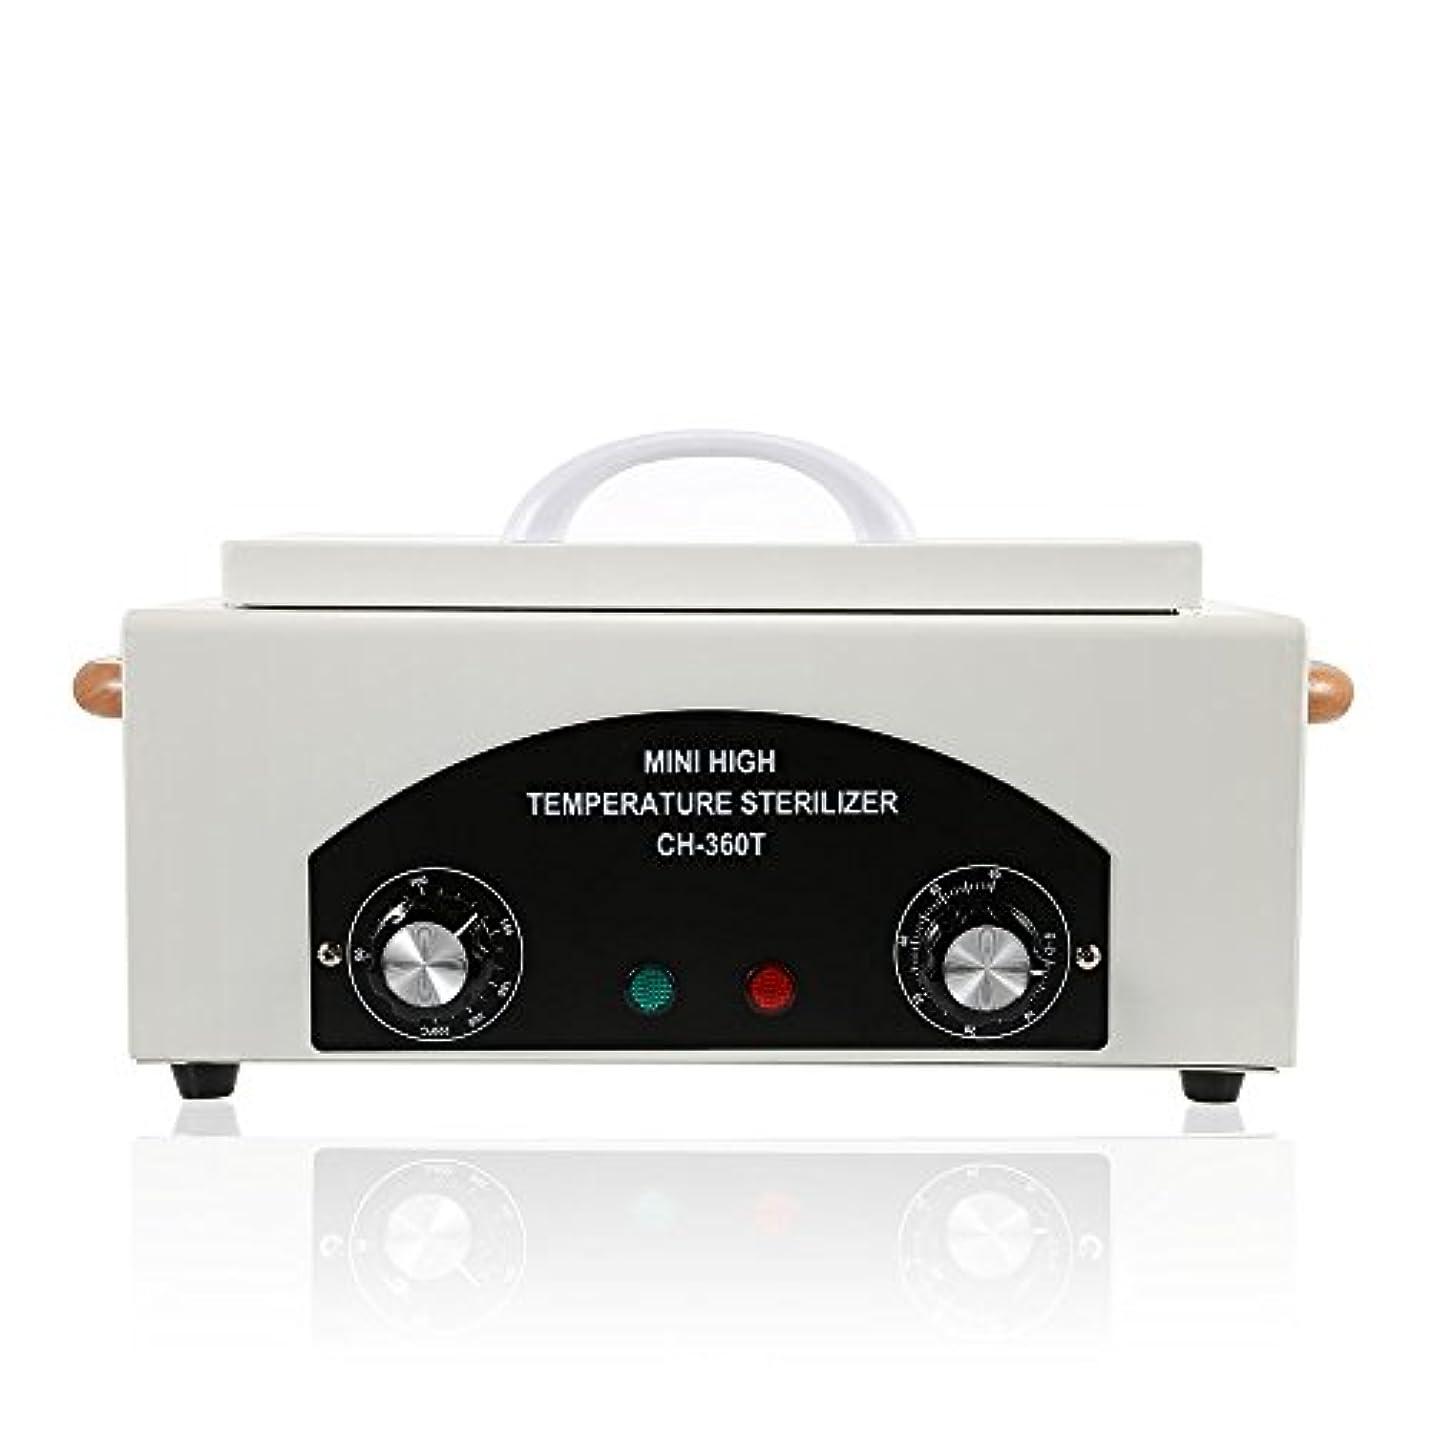 シエスタできた経済高温殺菌装置 ネイルボックス サロン美容ツール 爪消毒用具 乾熱ポータブル殺菌装置